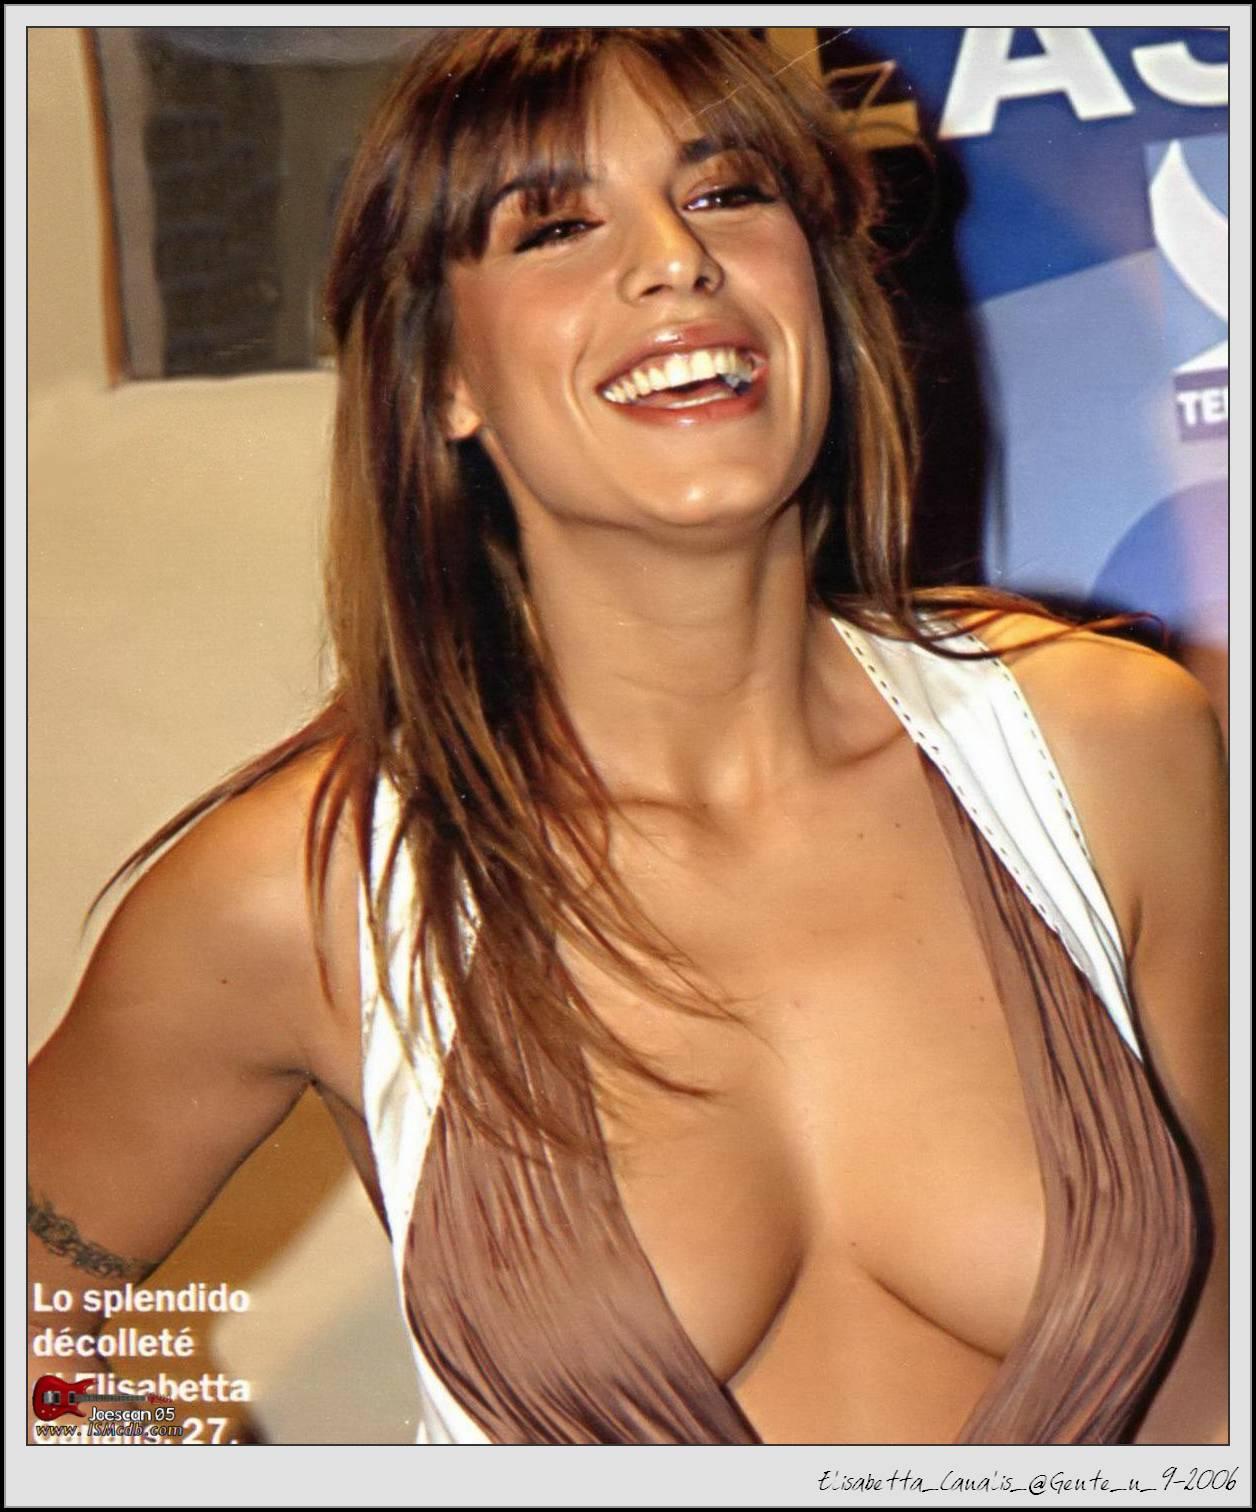 http://2.bp.blogspot.com/-e2yKRUhgMVA/T-uAA51L0QI/AAAAAAAAAmA/1Tn_sp7EKbU/s1600/canalis.jpg